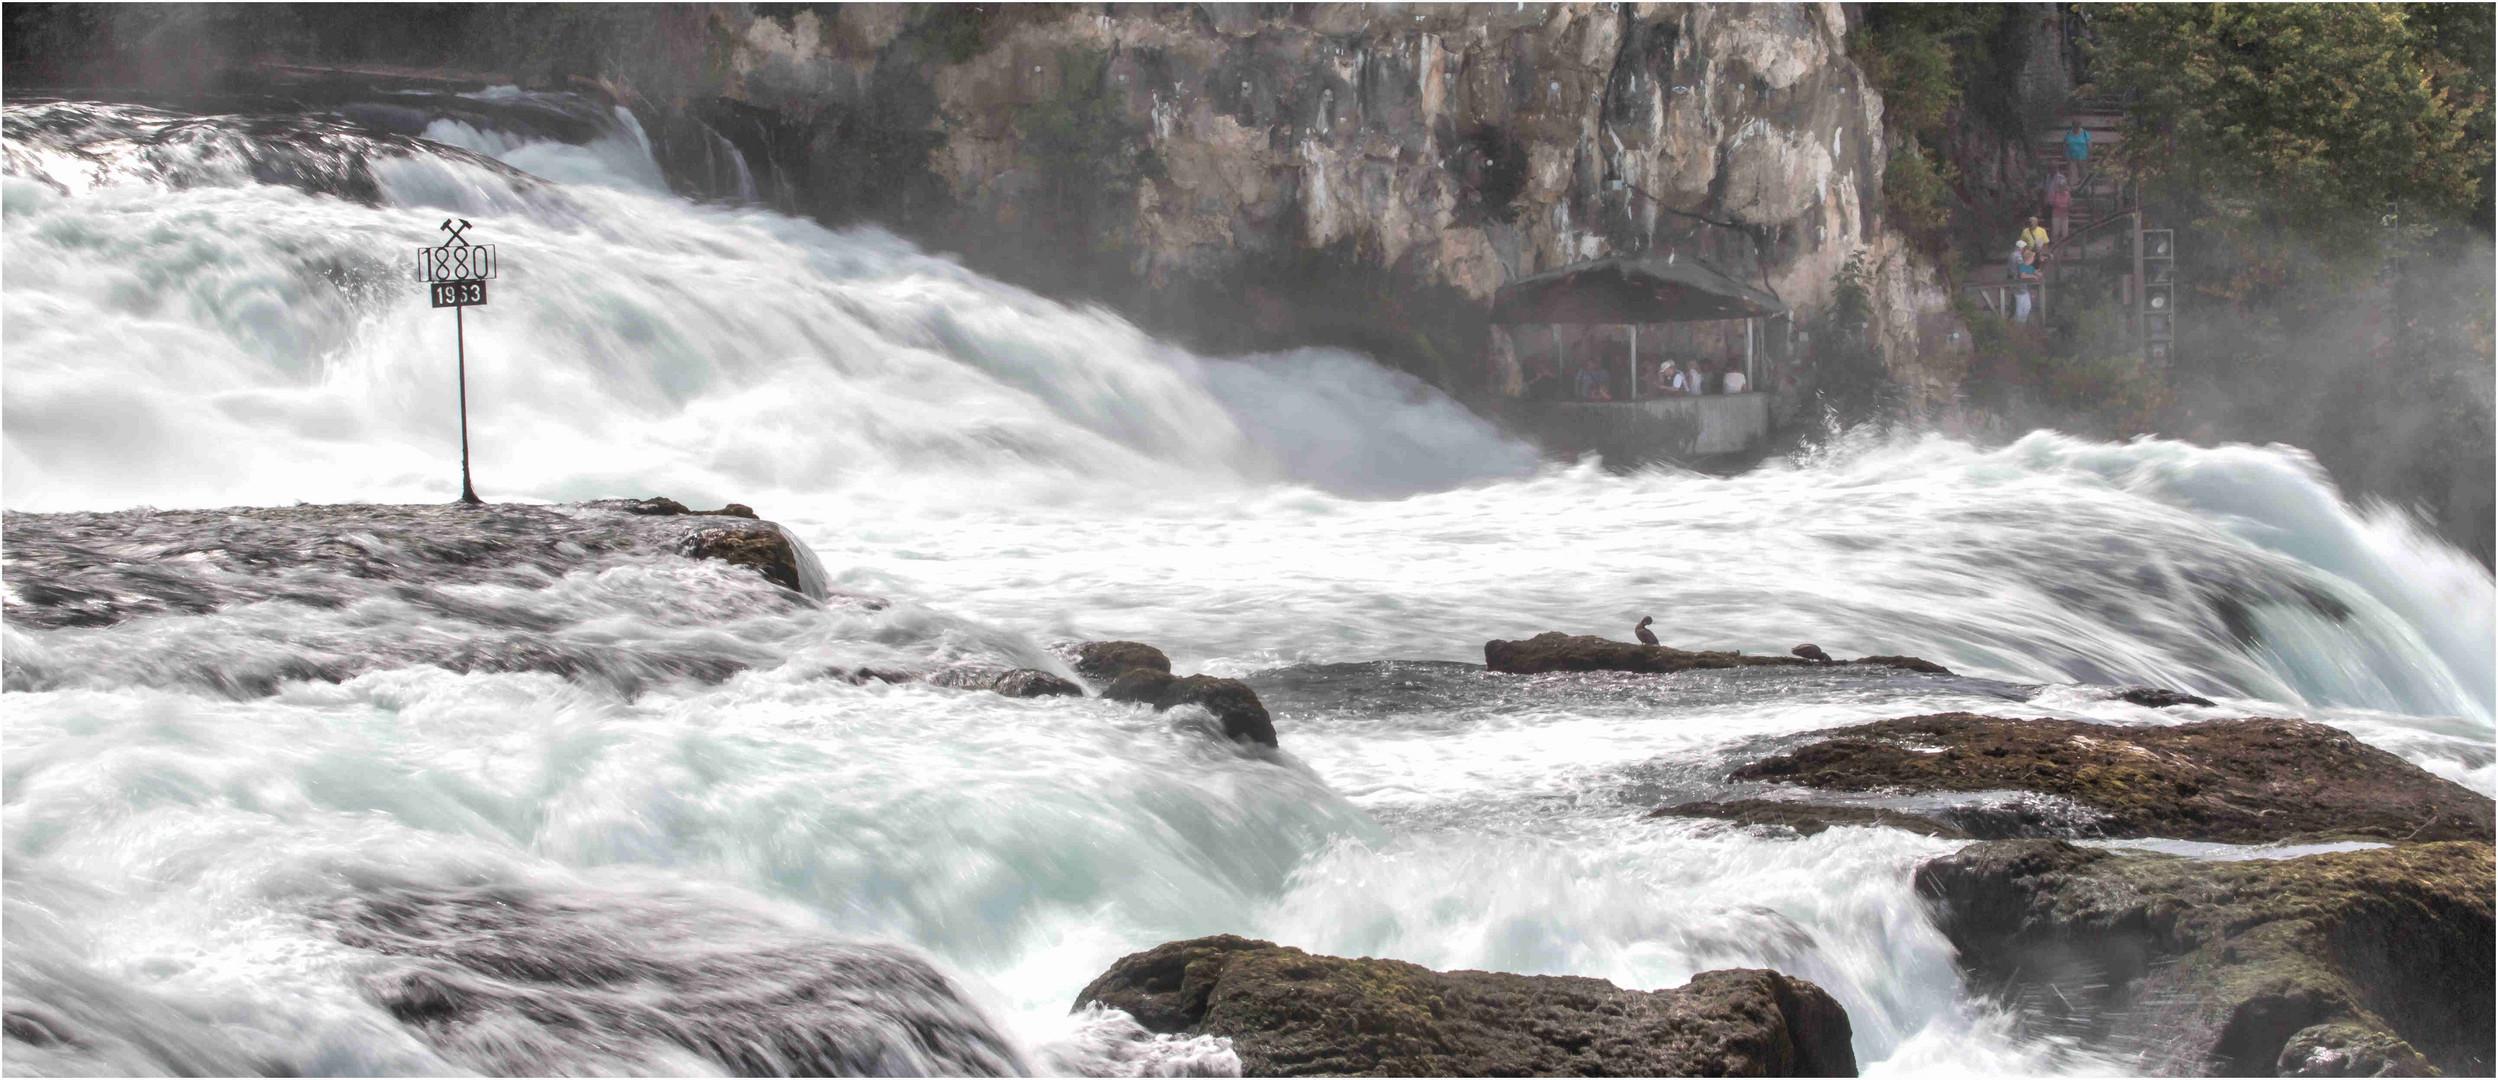 Rheinfall 06 ...1880 .... die fließende Welle